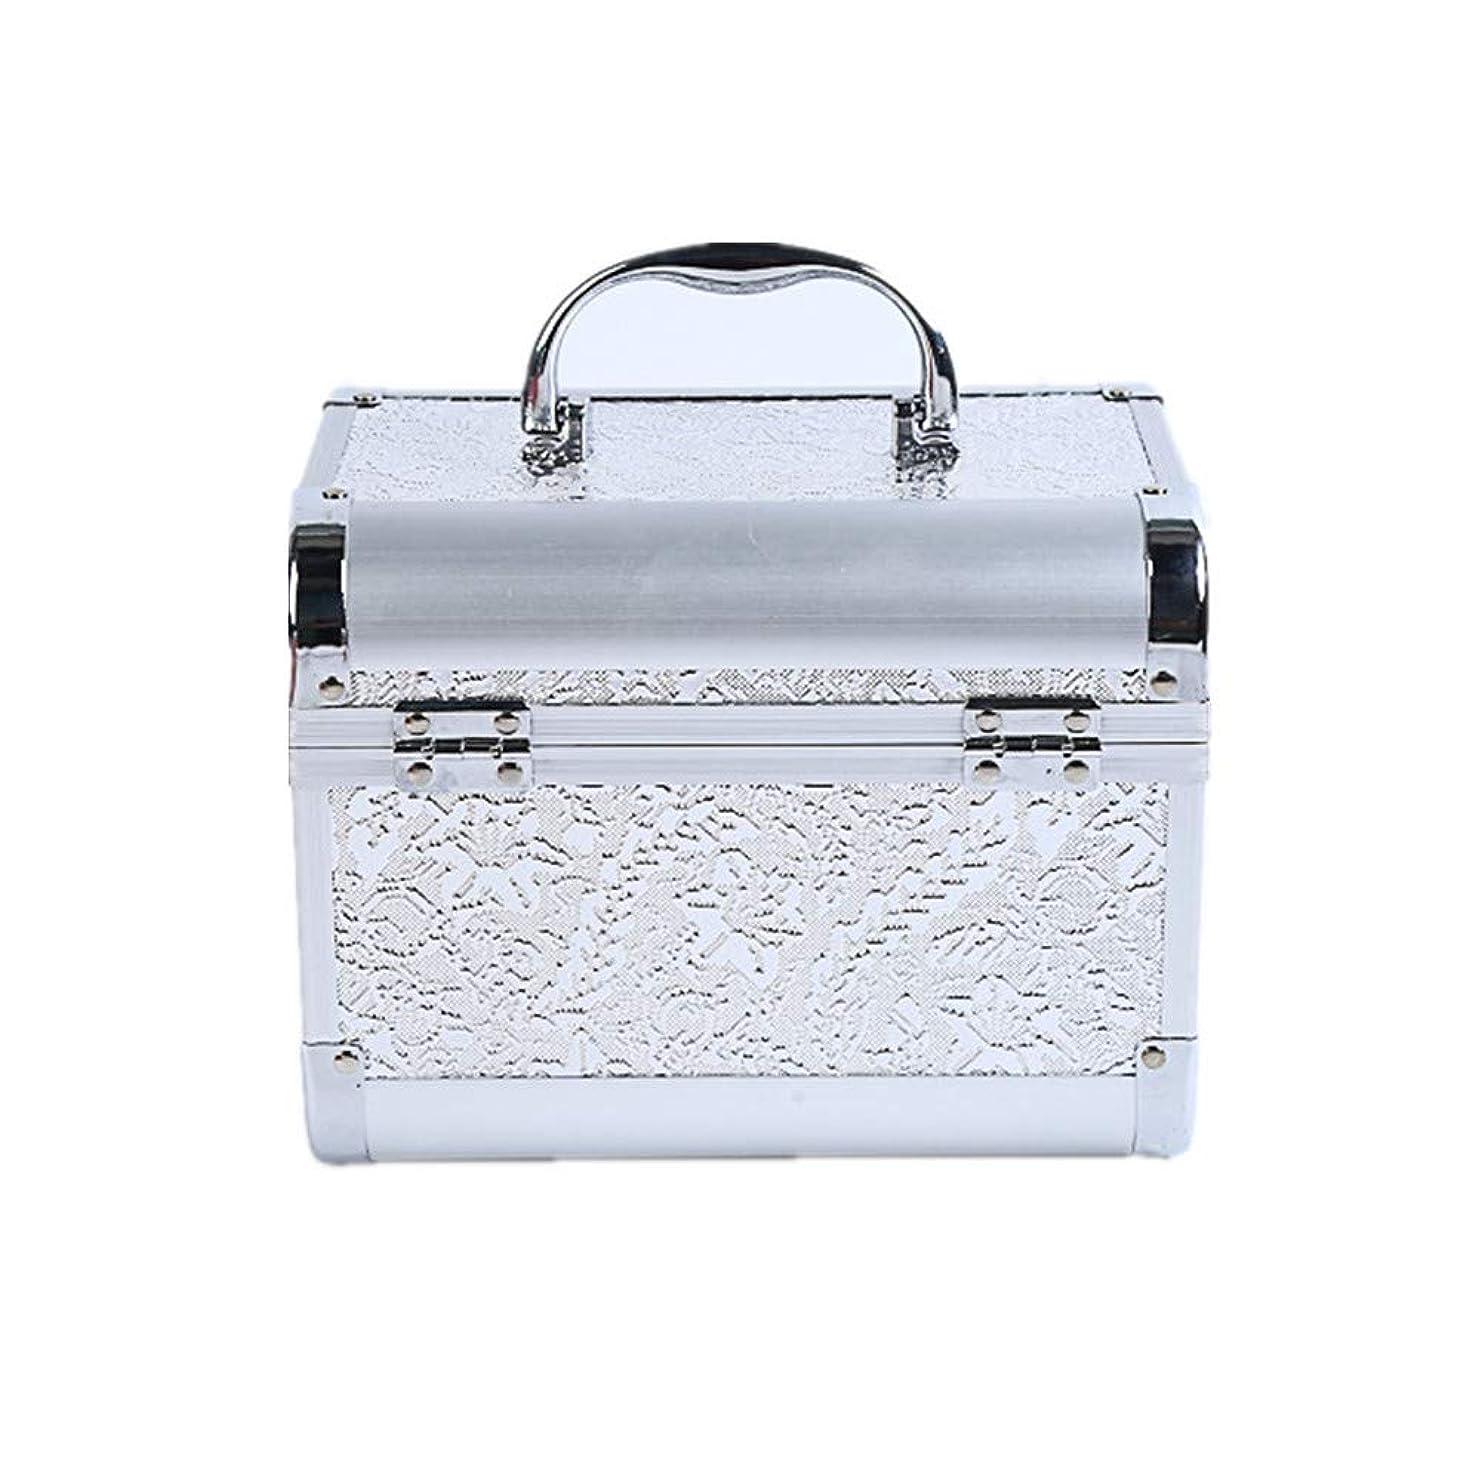 ハロウィン海軍アスリート化粧オーガナイザーバッグ コード化されたロックと化粧鏡で小さなものの種類の旅行のための美容メイクアップのための白い化粧ケース 化粧品ケース